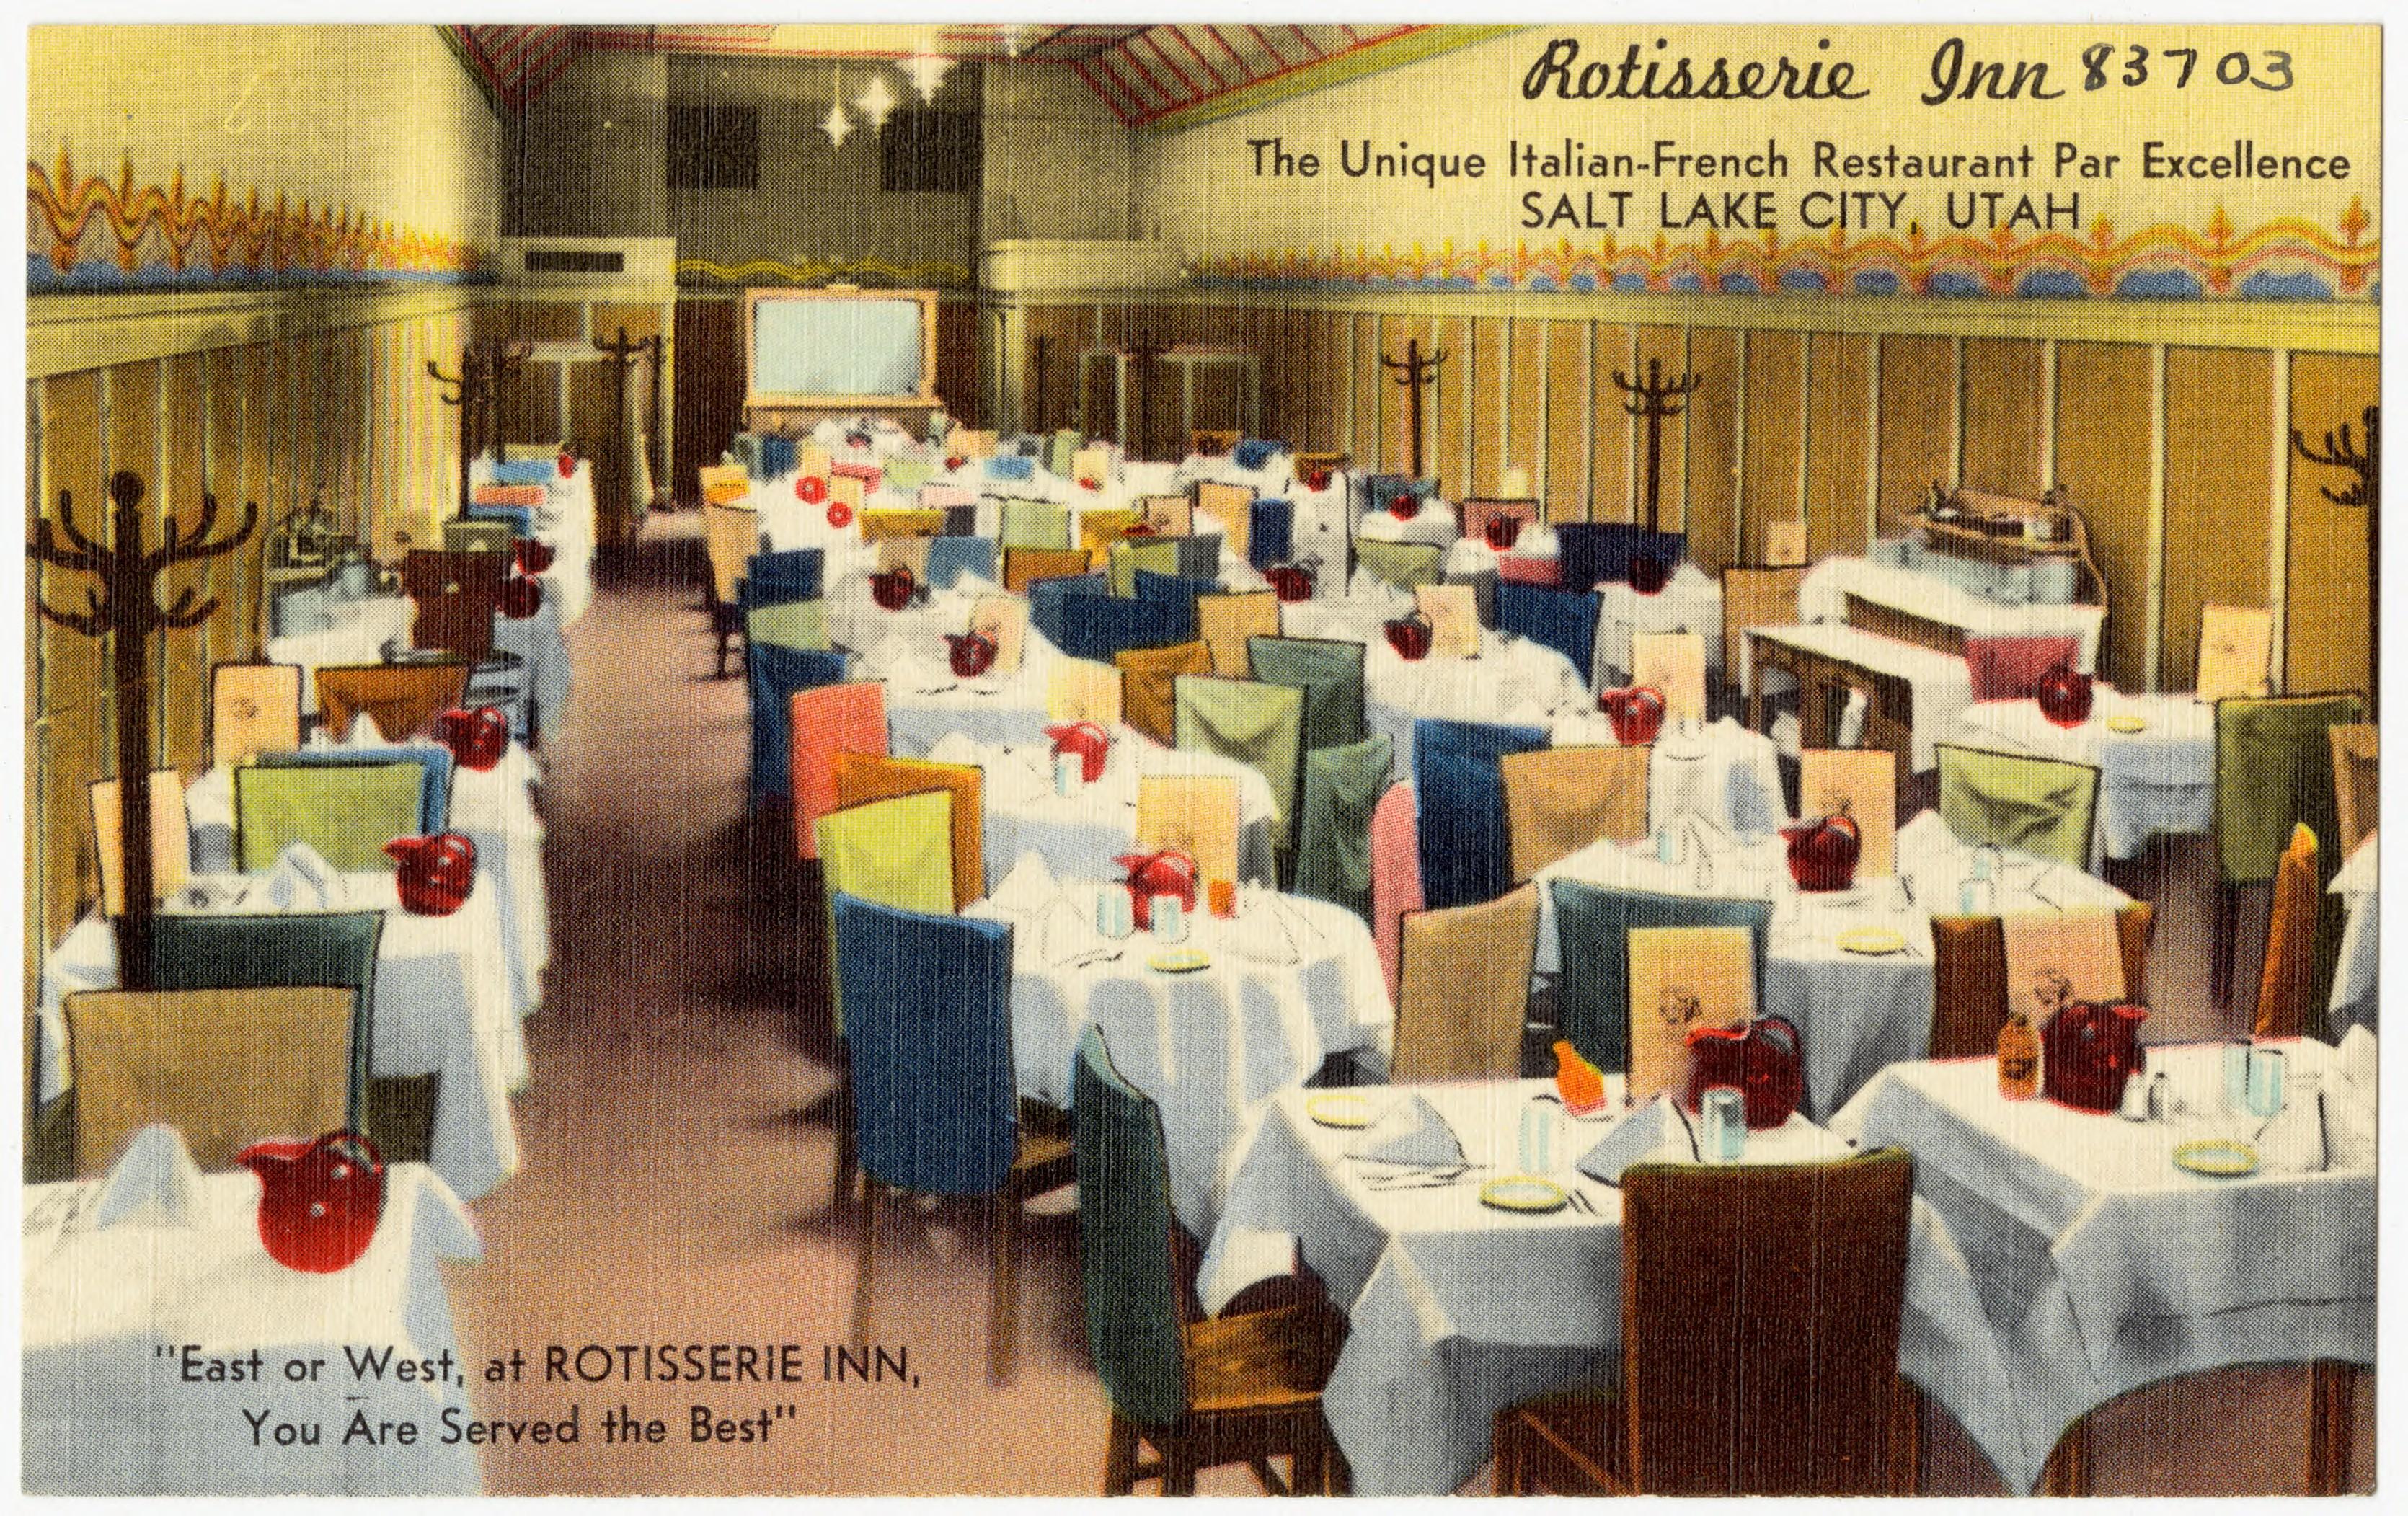 File Rotisserie Inn The Unique Italian French Restaurant Par Excellence Salt Lake